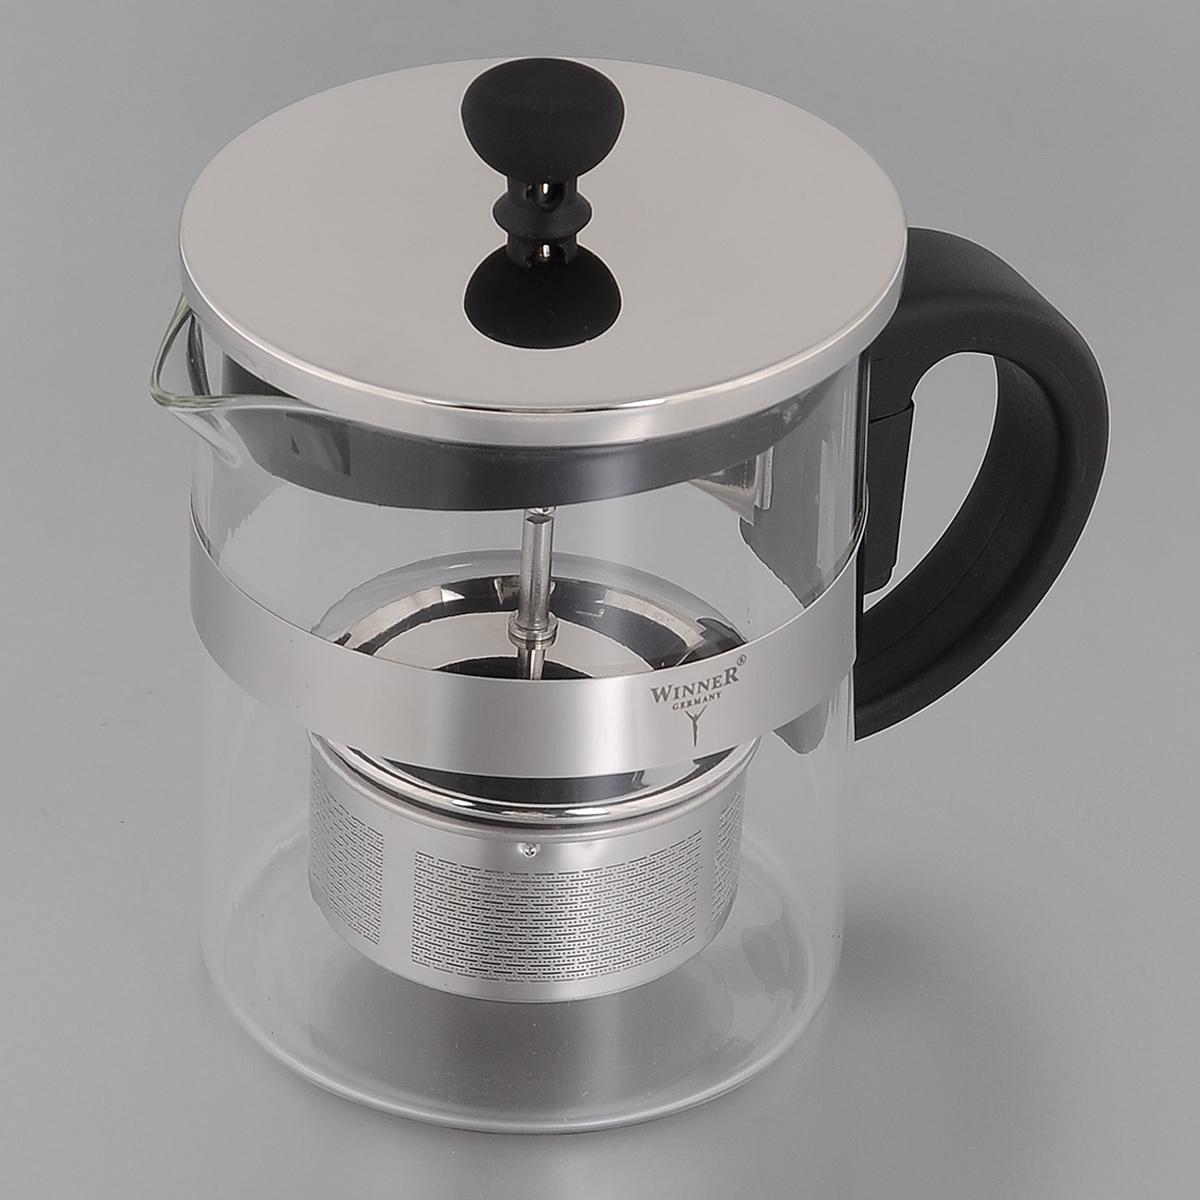 Френч-пресс Winner, 600 мл. WR-5221VT-1520(SR)Френч-пресс Winner, изготовленный из термостойкого стекла с пластиковой ручкой, предоставит вам все необходимые возможности для успешного заваривания чая. Чай в таком чайнике дольше остается горячим, а полезные и ароматические вещества полностью сохраняются в напитке. Изделие оснащено фильтром, крышкой и удобным поршнем из нержавеющей стали, который поможет дозировать степень заварки напитка. Простой и удобный френч-пресс Winner поможет вам приготовить крепкий, ароматный чай.Нельзя мыть в посудомоечной машине. Не использовать в микроволновой печи.Диаметр френч-пресса (по верхнему краю): 9,5 см.Высота френч-пресса (без учета крышки): 12 см.Высота фильтра: 3,5 см.